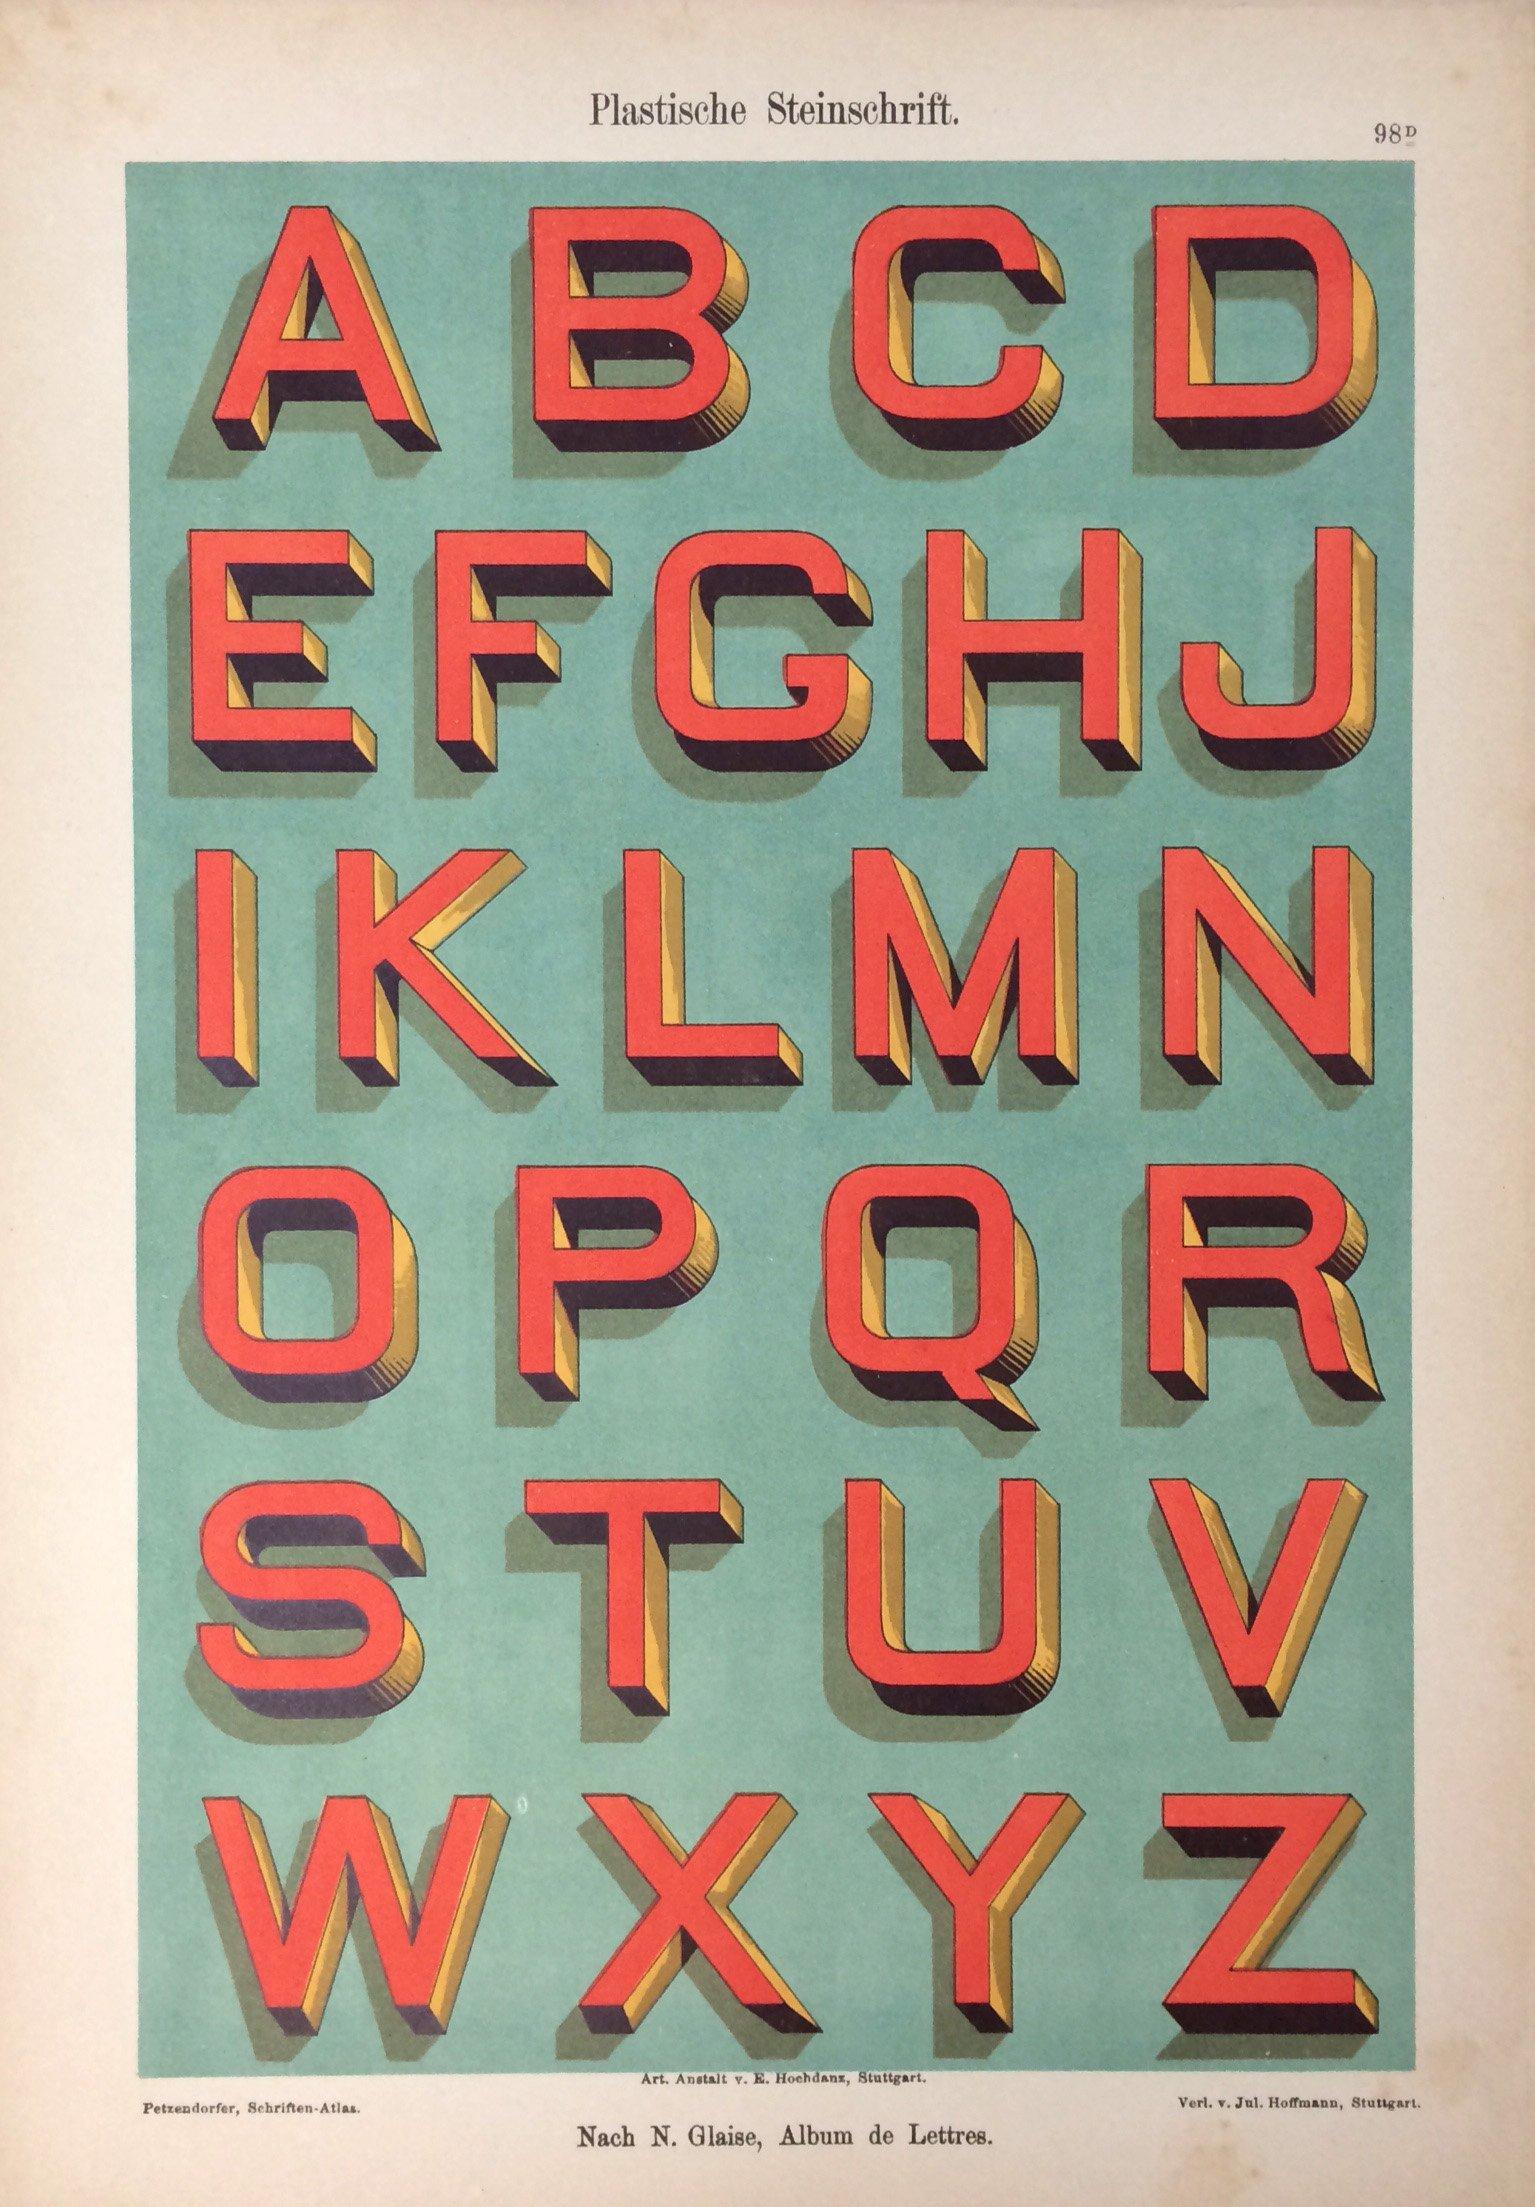 Tipografías plástica sobre piedra